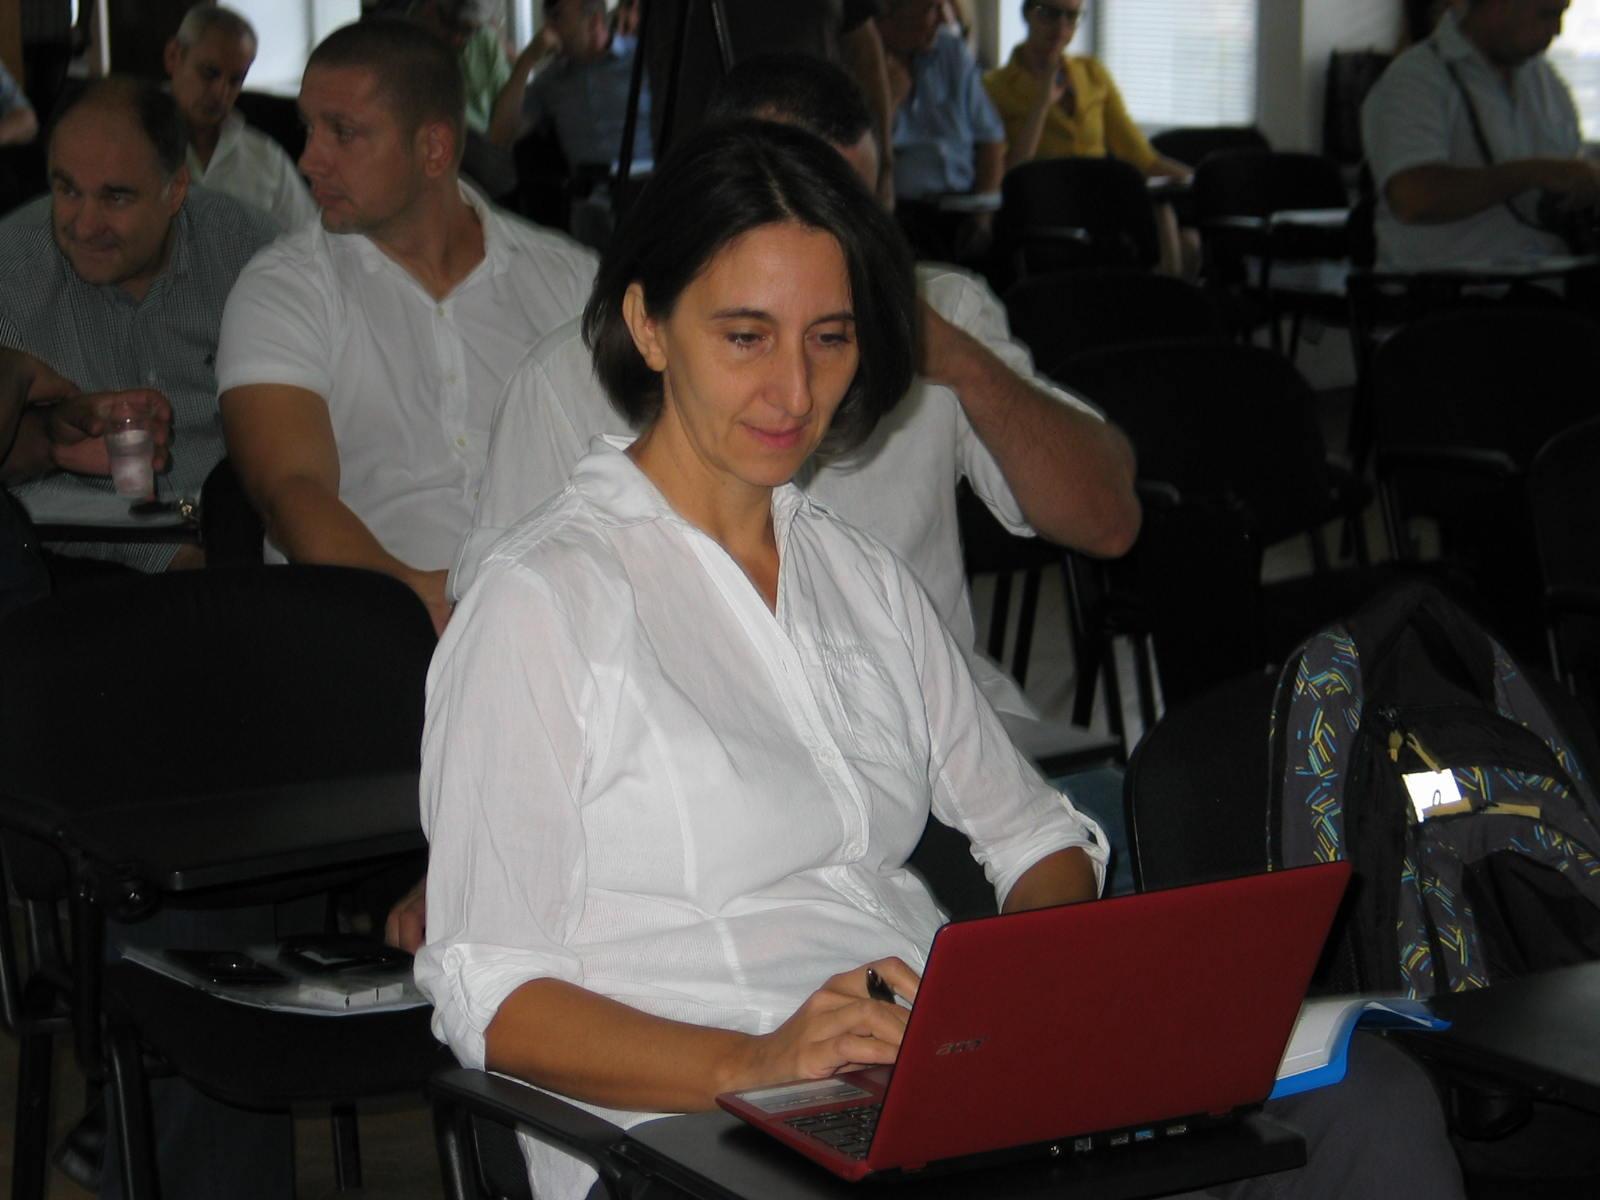 """Мариета Георгиева от """"Единни за промяна"""": Нормален избор за нормално образование"""